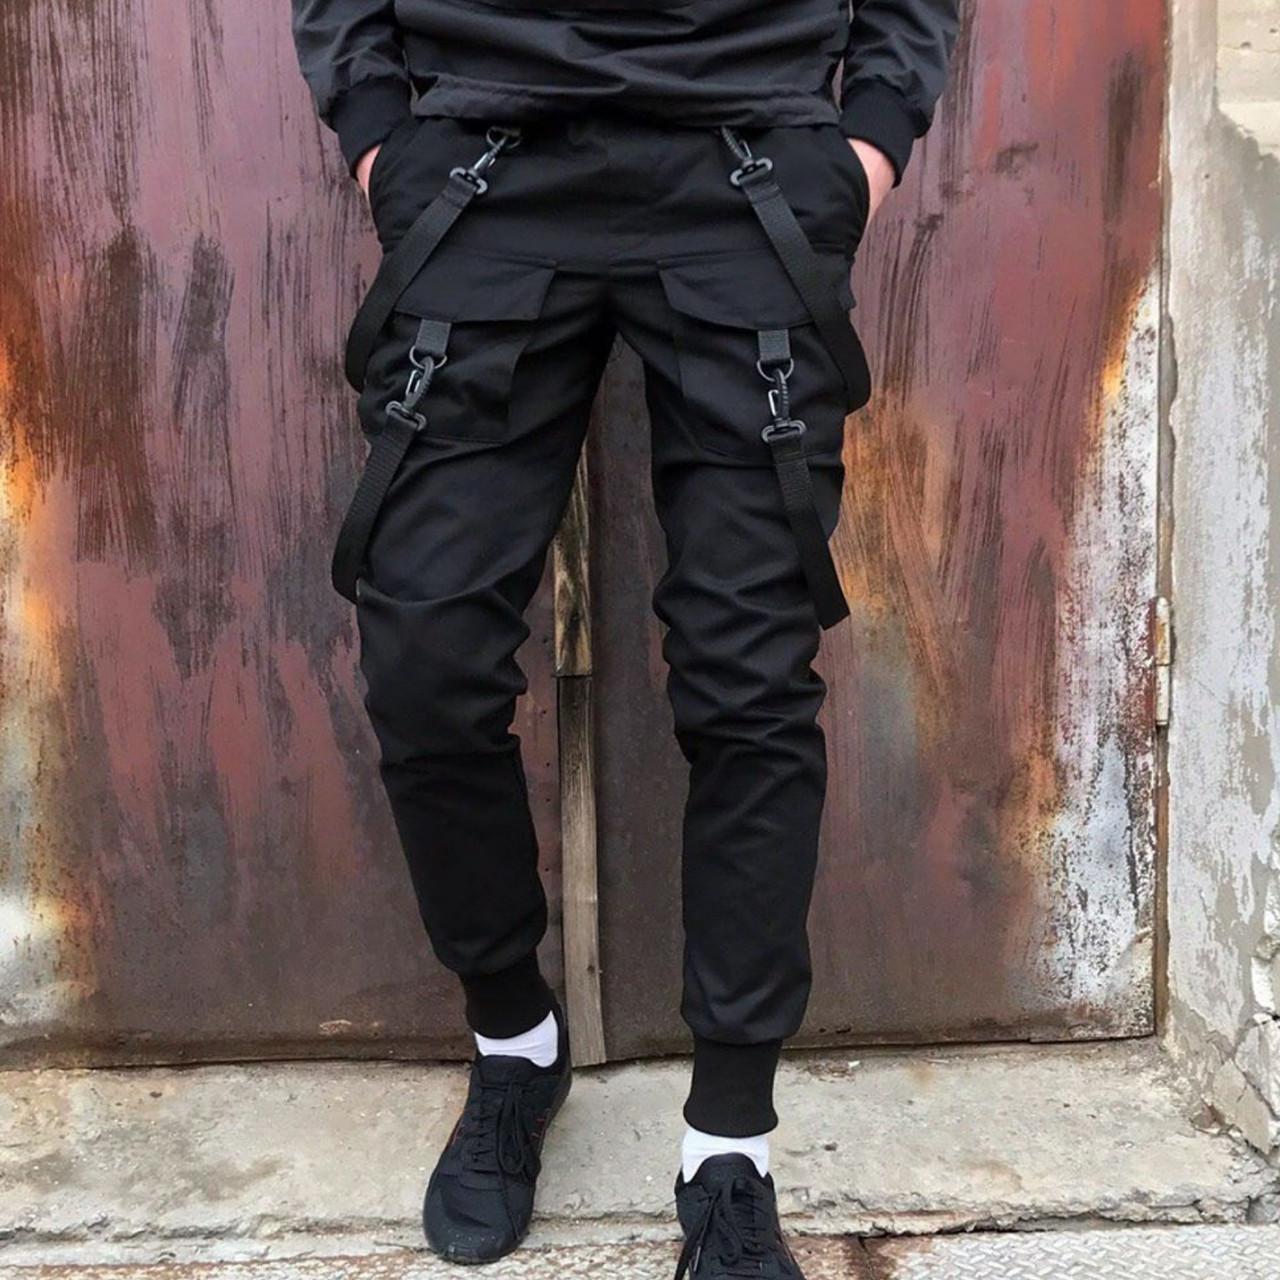 Мужские котонновые штаны  пд787